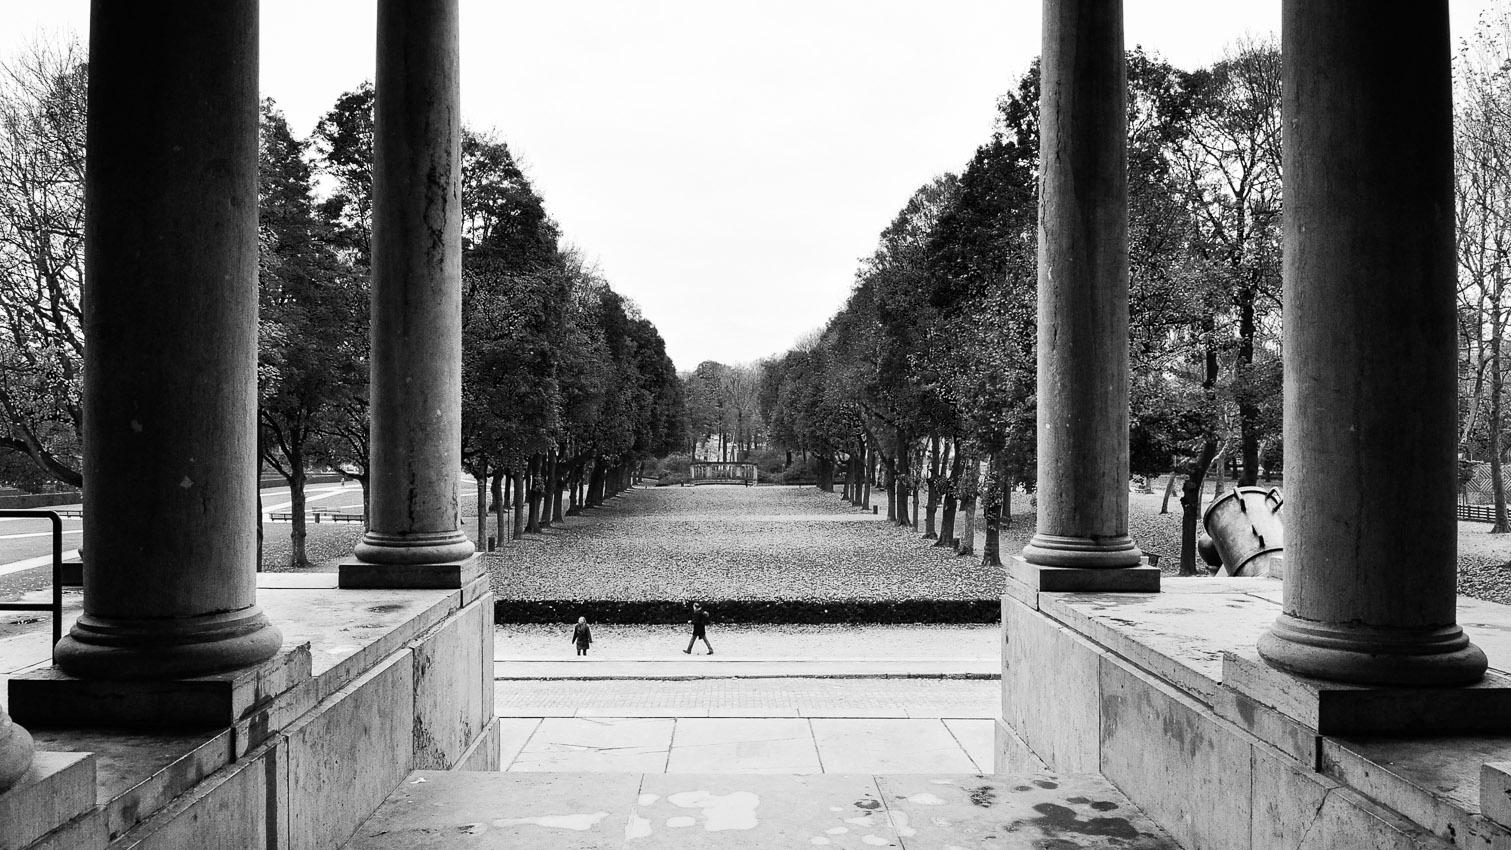 15-parc-foret-location-decors-film-cinema-photo-belgium-bruxelles